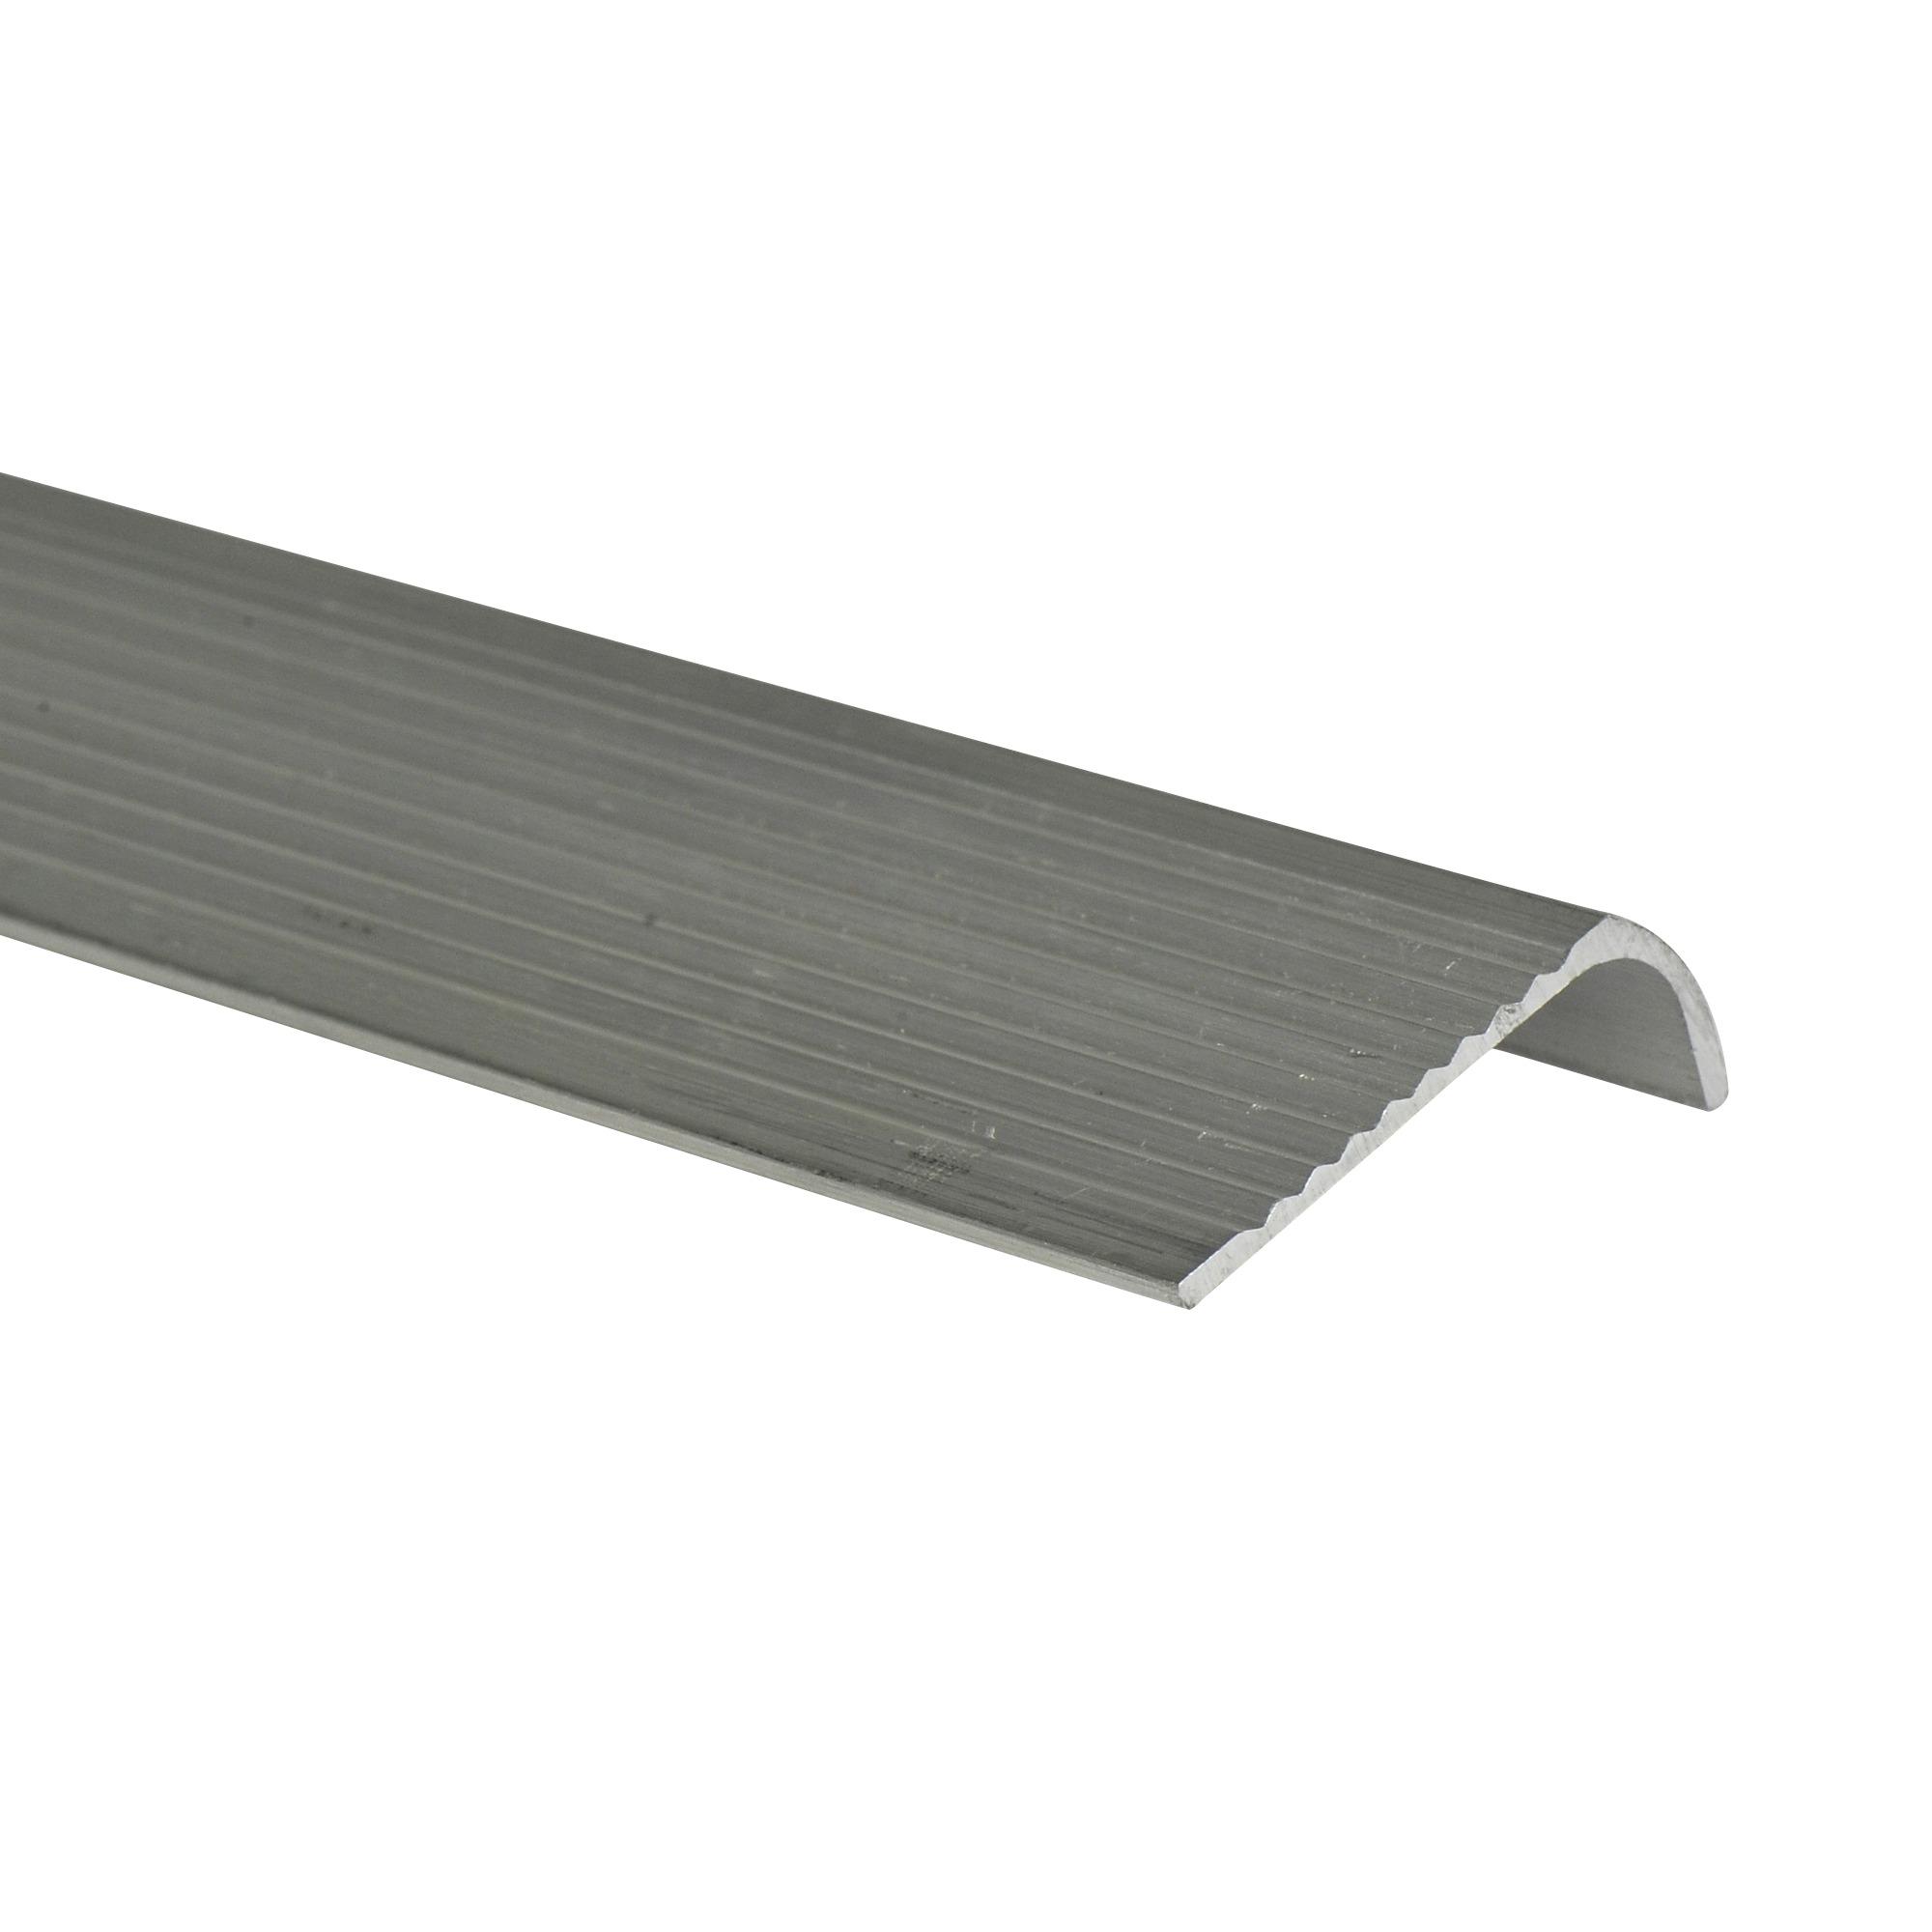 Blinde Plank Karwei.Karwei Aluminium Profiel